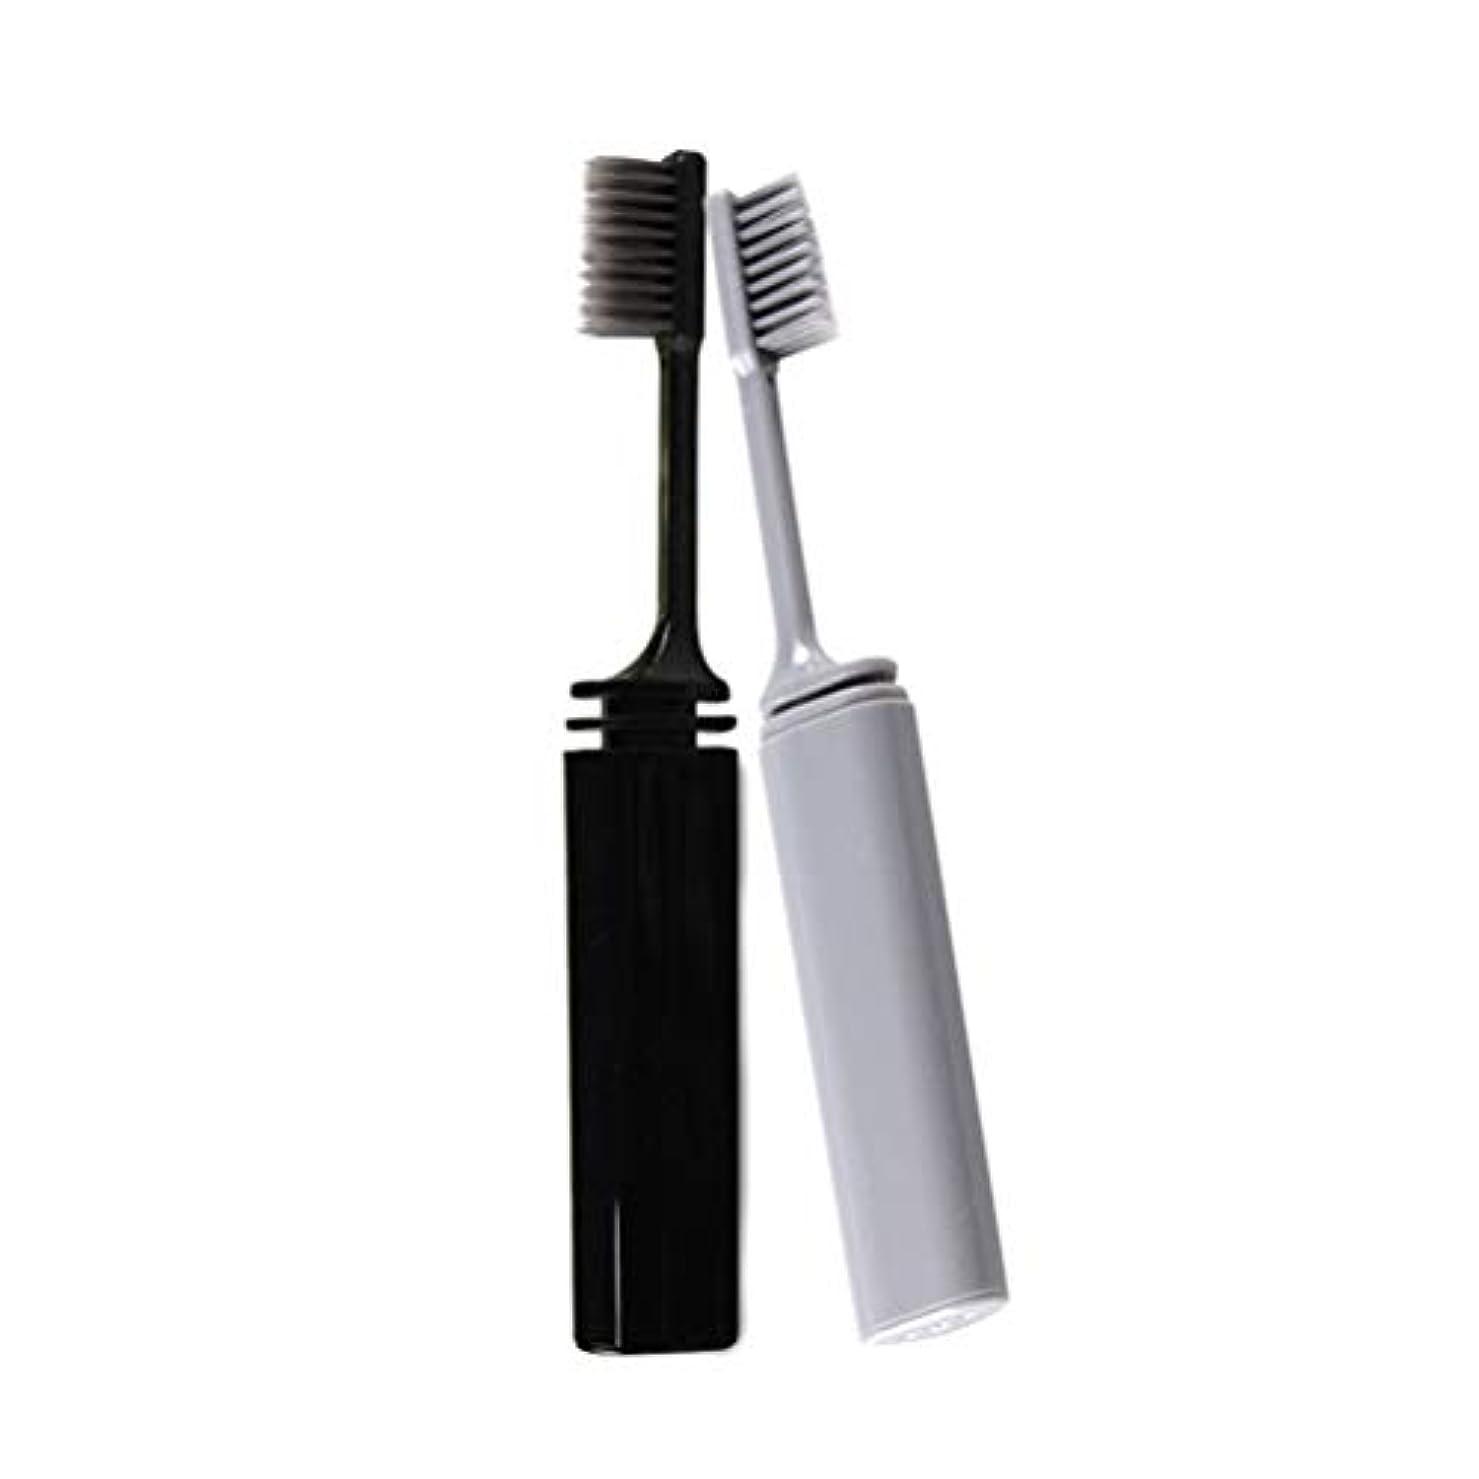 批評遊具きしむSUPVOX 2本旅行歯ブラシポータブル折りたたみ竹炭柔らかい剛毛歯ブラシ(グレーブラック)